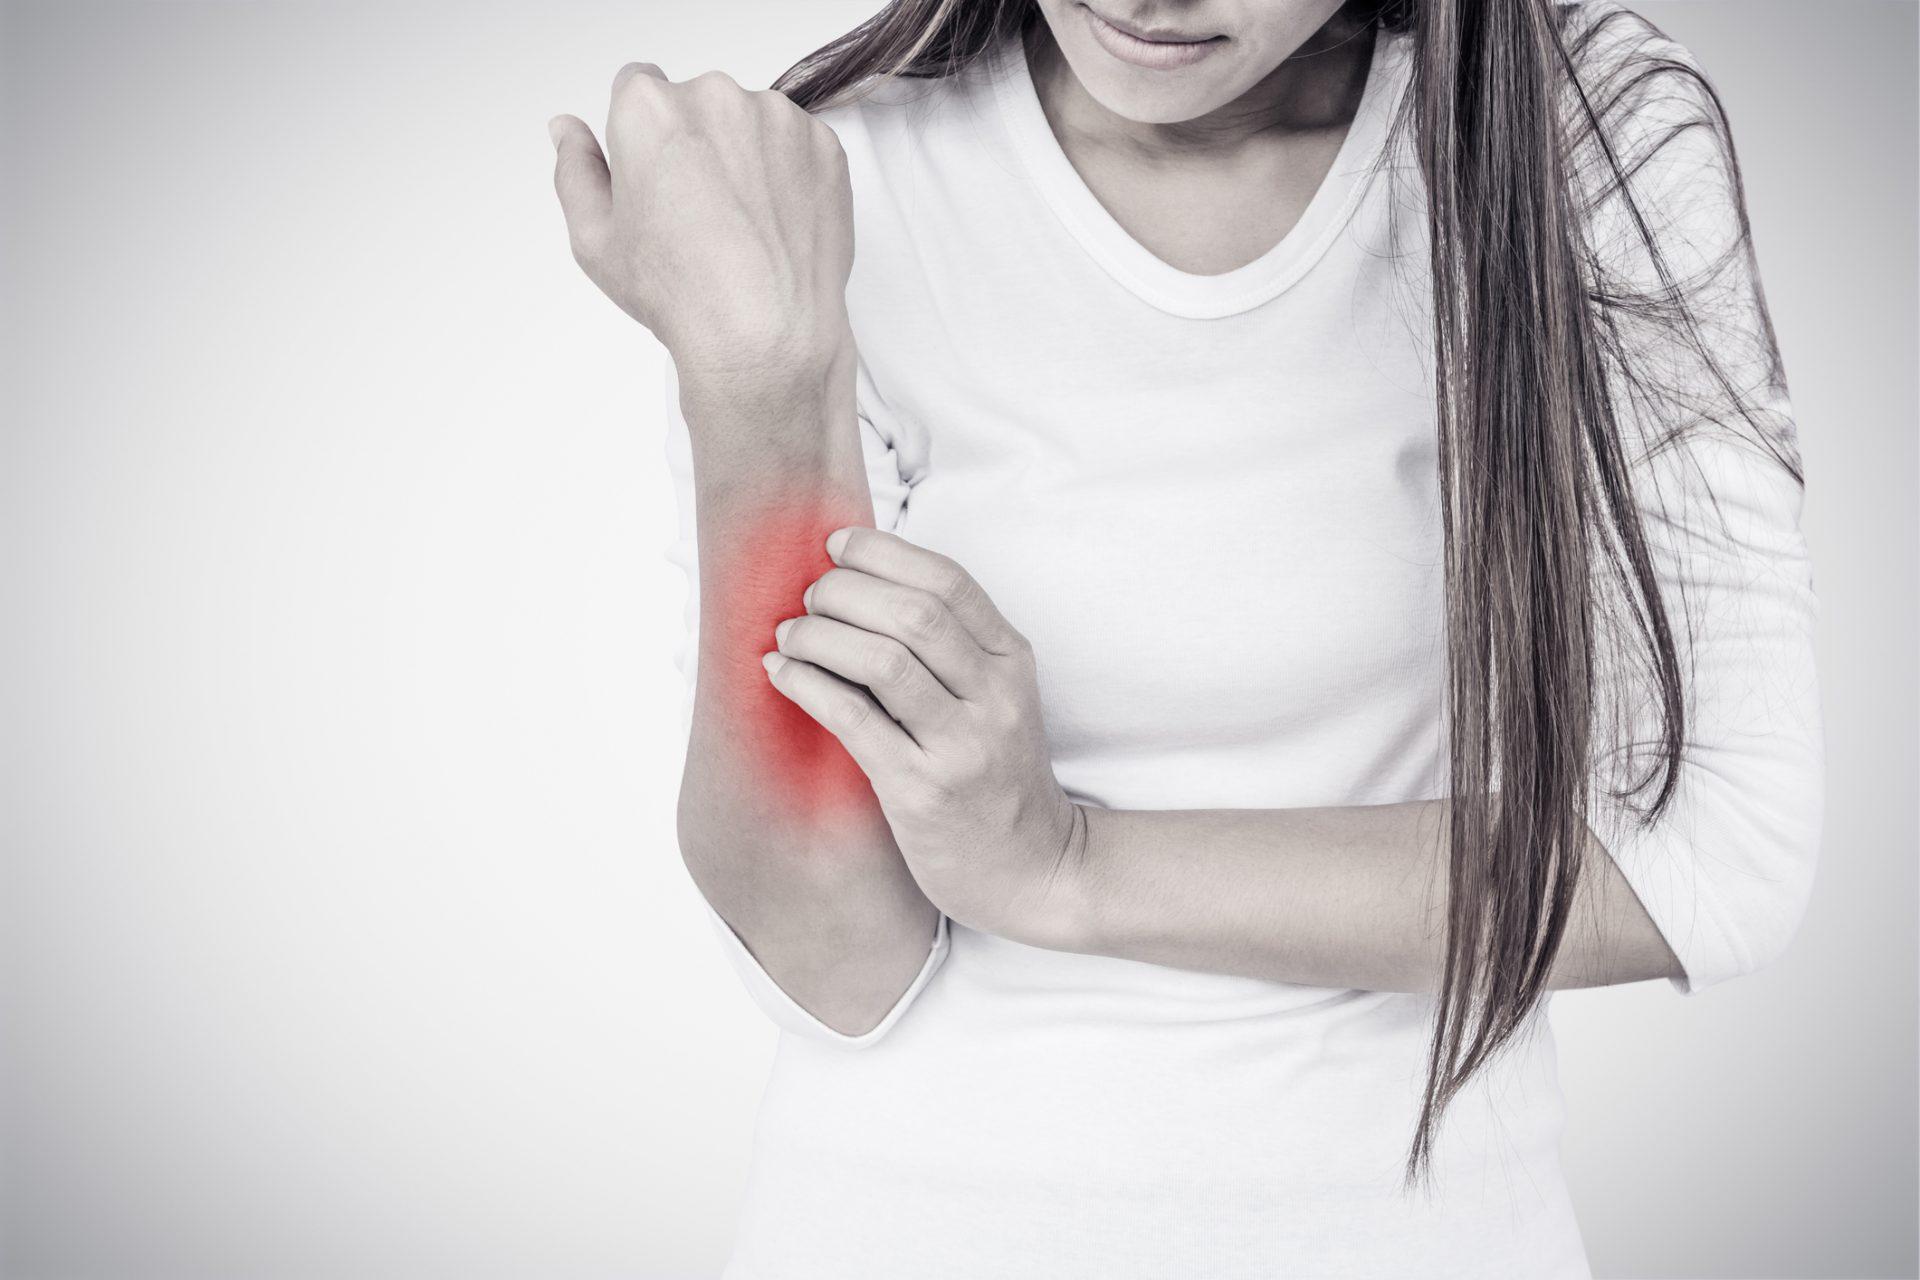 Doenças de pele: conheça as mais comuns e saiba como se prevenir